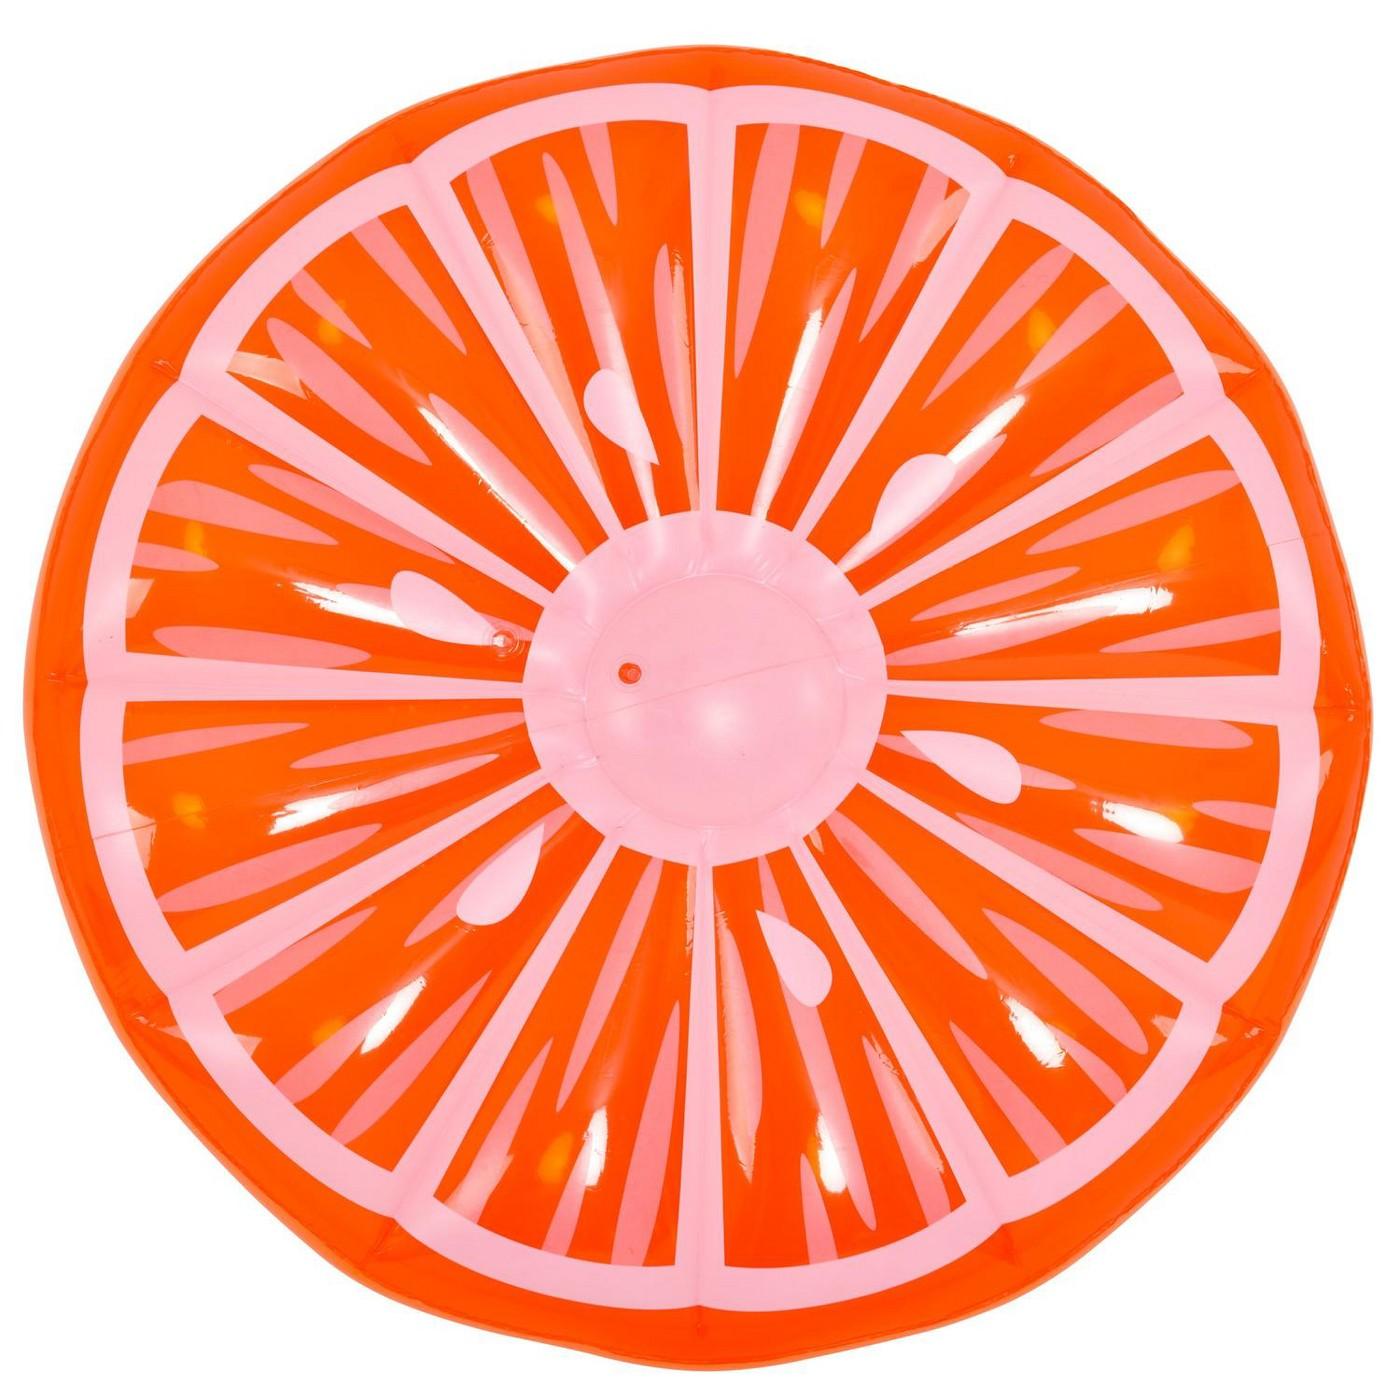 pool-float-orange-slice